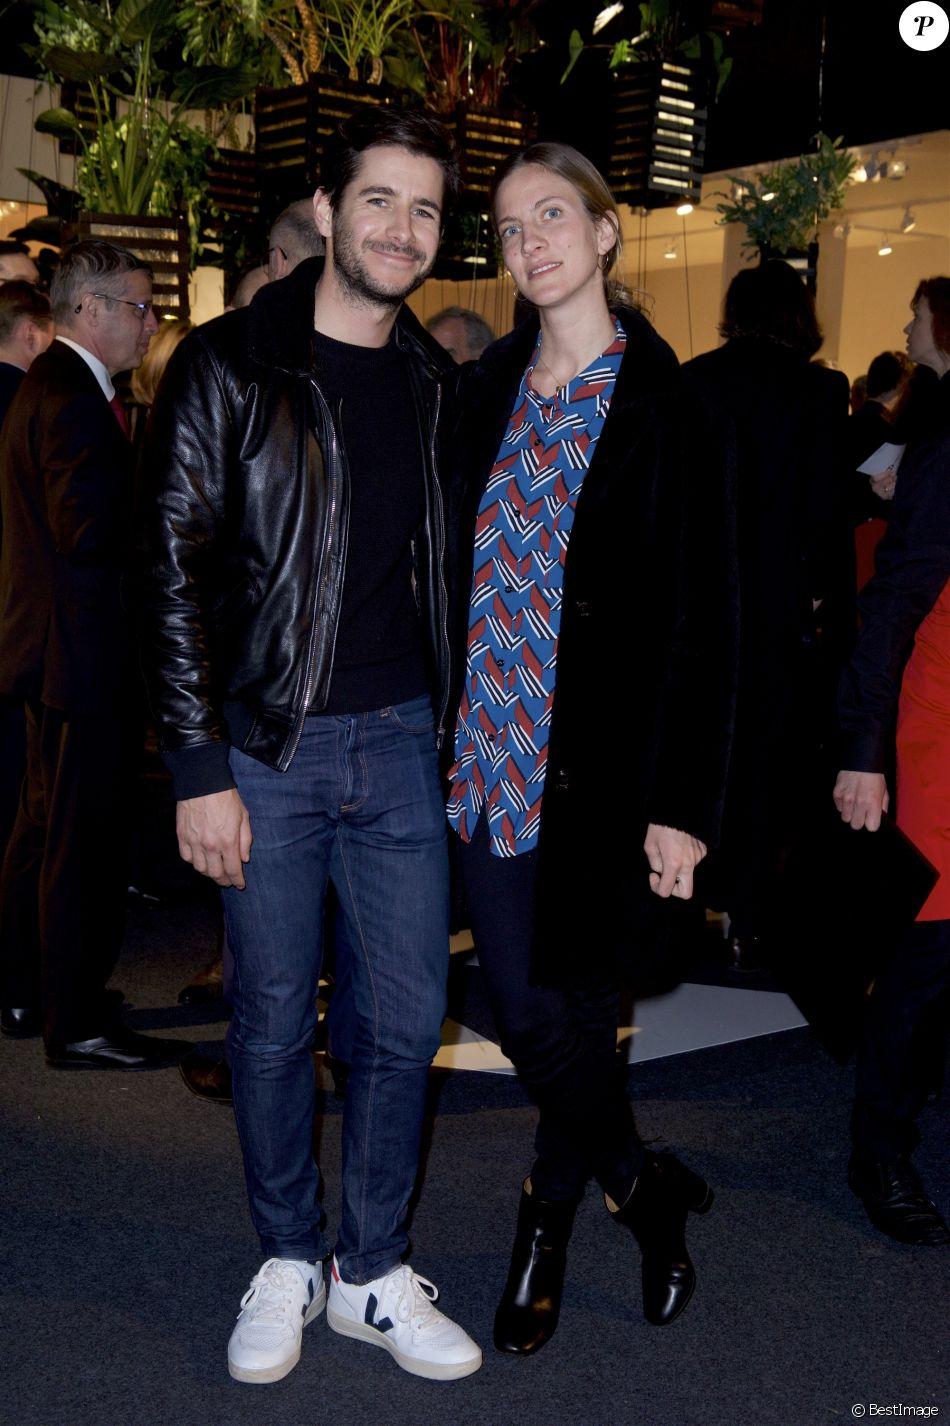 Exclusif guillaume gibault et sa femme cr ateur de la marque slip francais au pad paris art - Alexandre jardin et sa femme ...